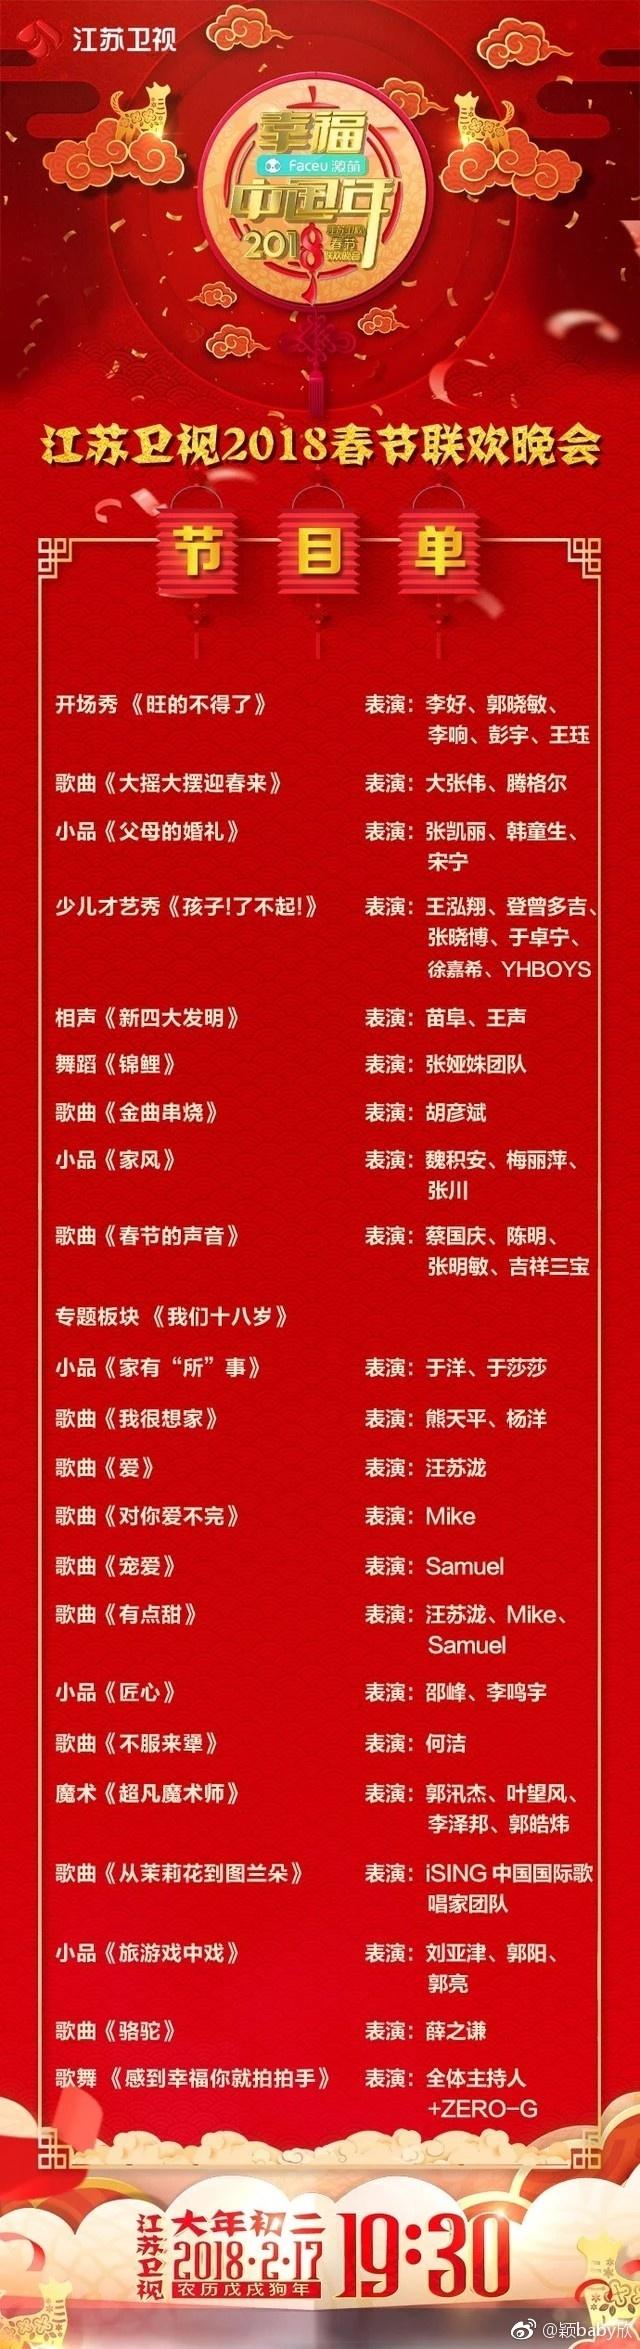 江苏卫视节目表_今天下午江苏卫视春晚节目单曝光,根据节目单显示薛之谦将在最后压轴